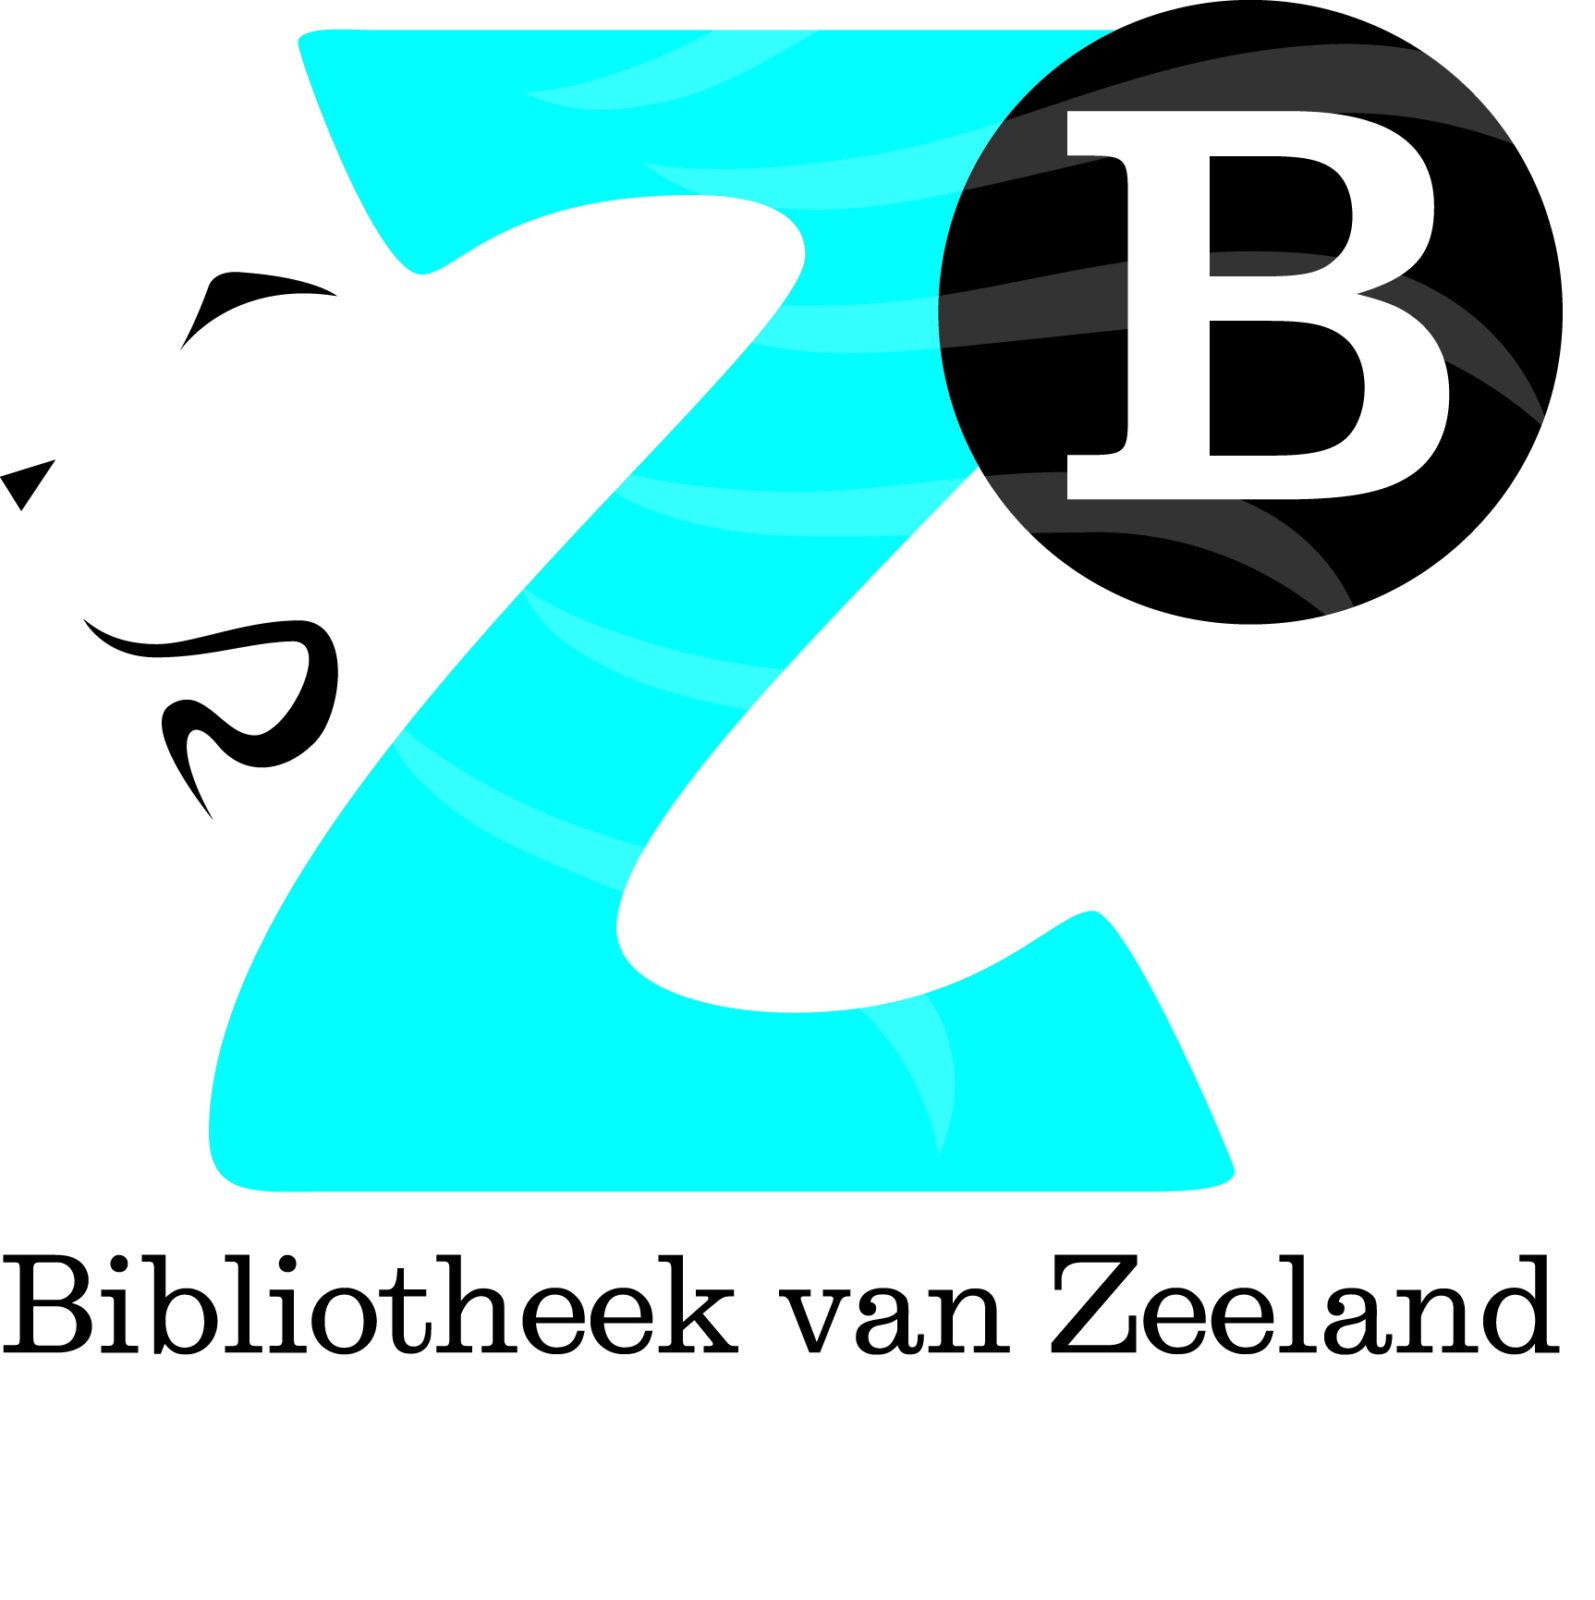 ZB Bibliotheek van Zeeland